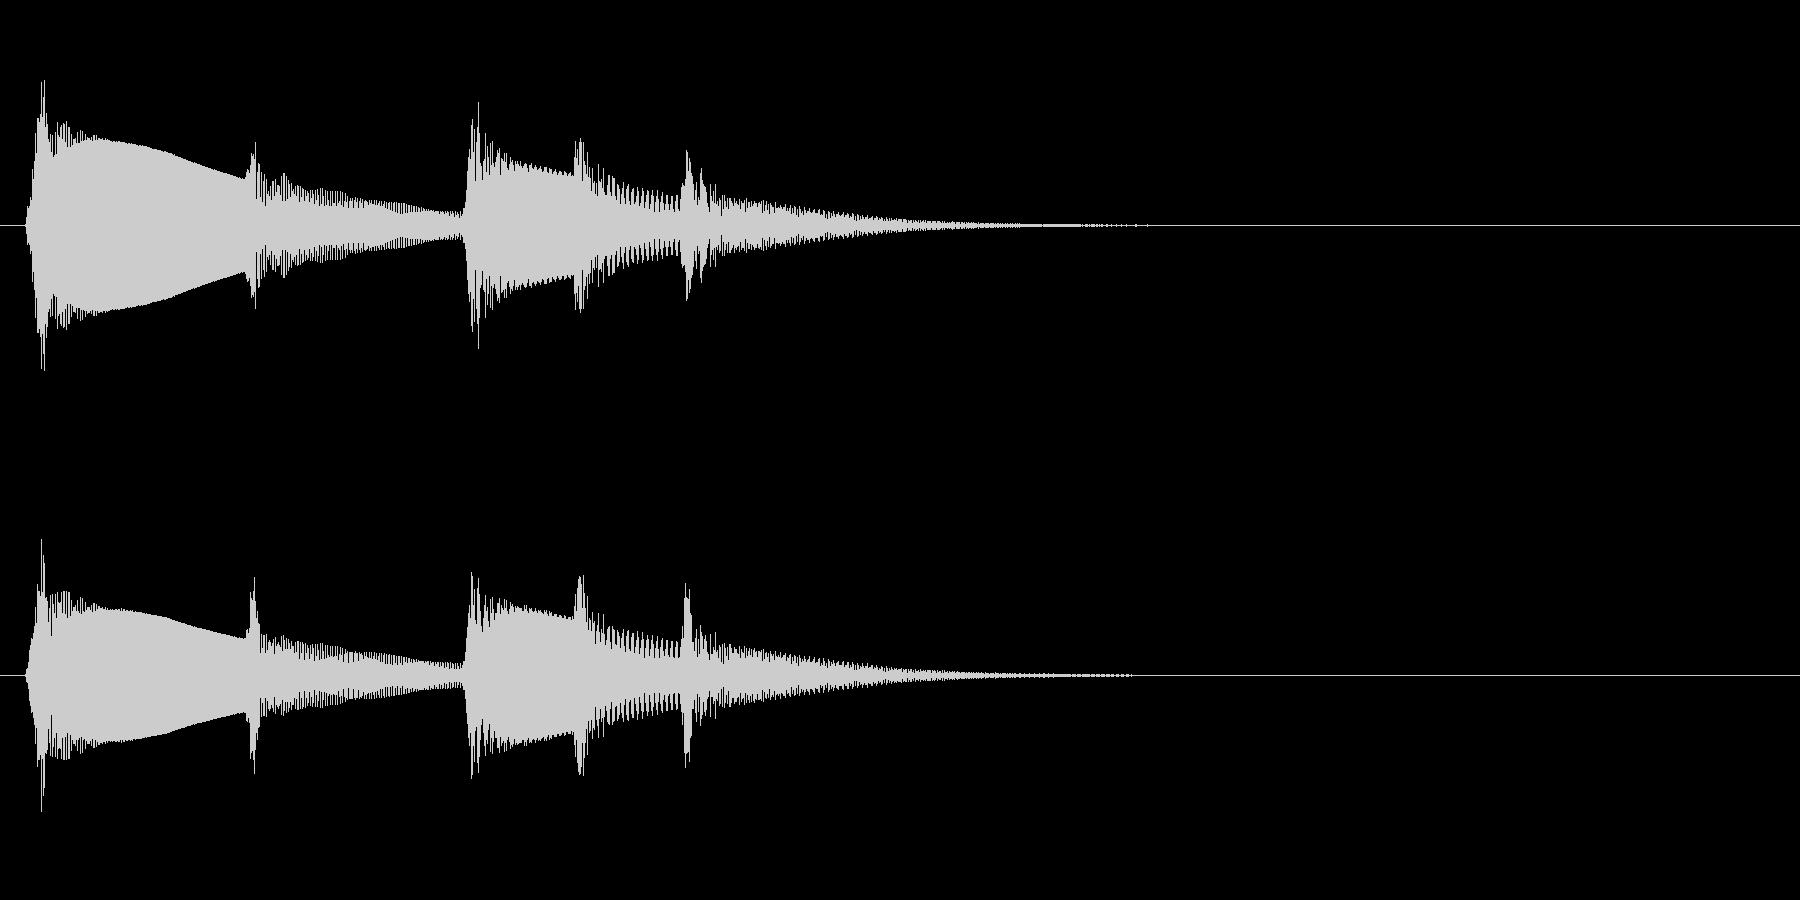 カリンバ「ティントンティトティン」電話音の未再生の波形